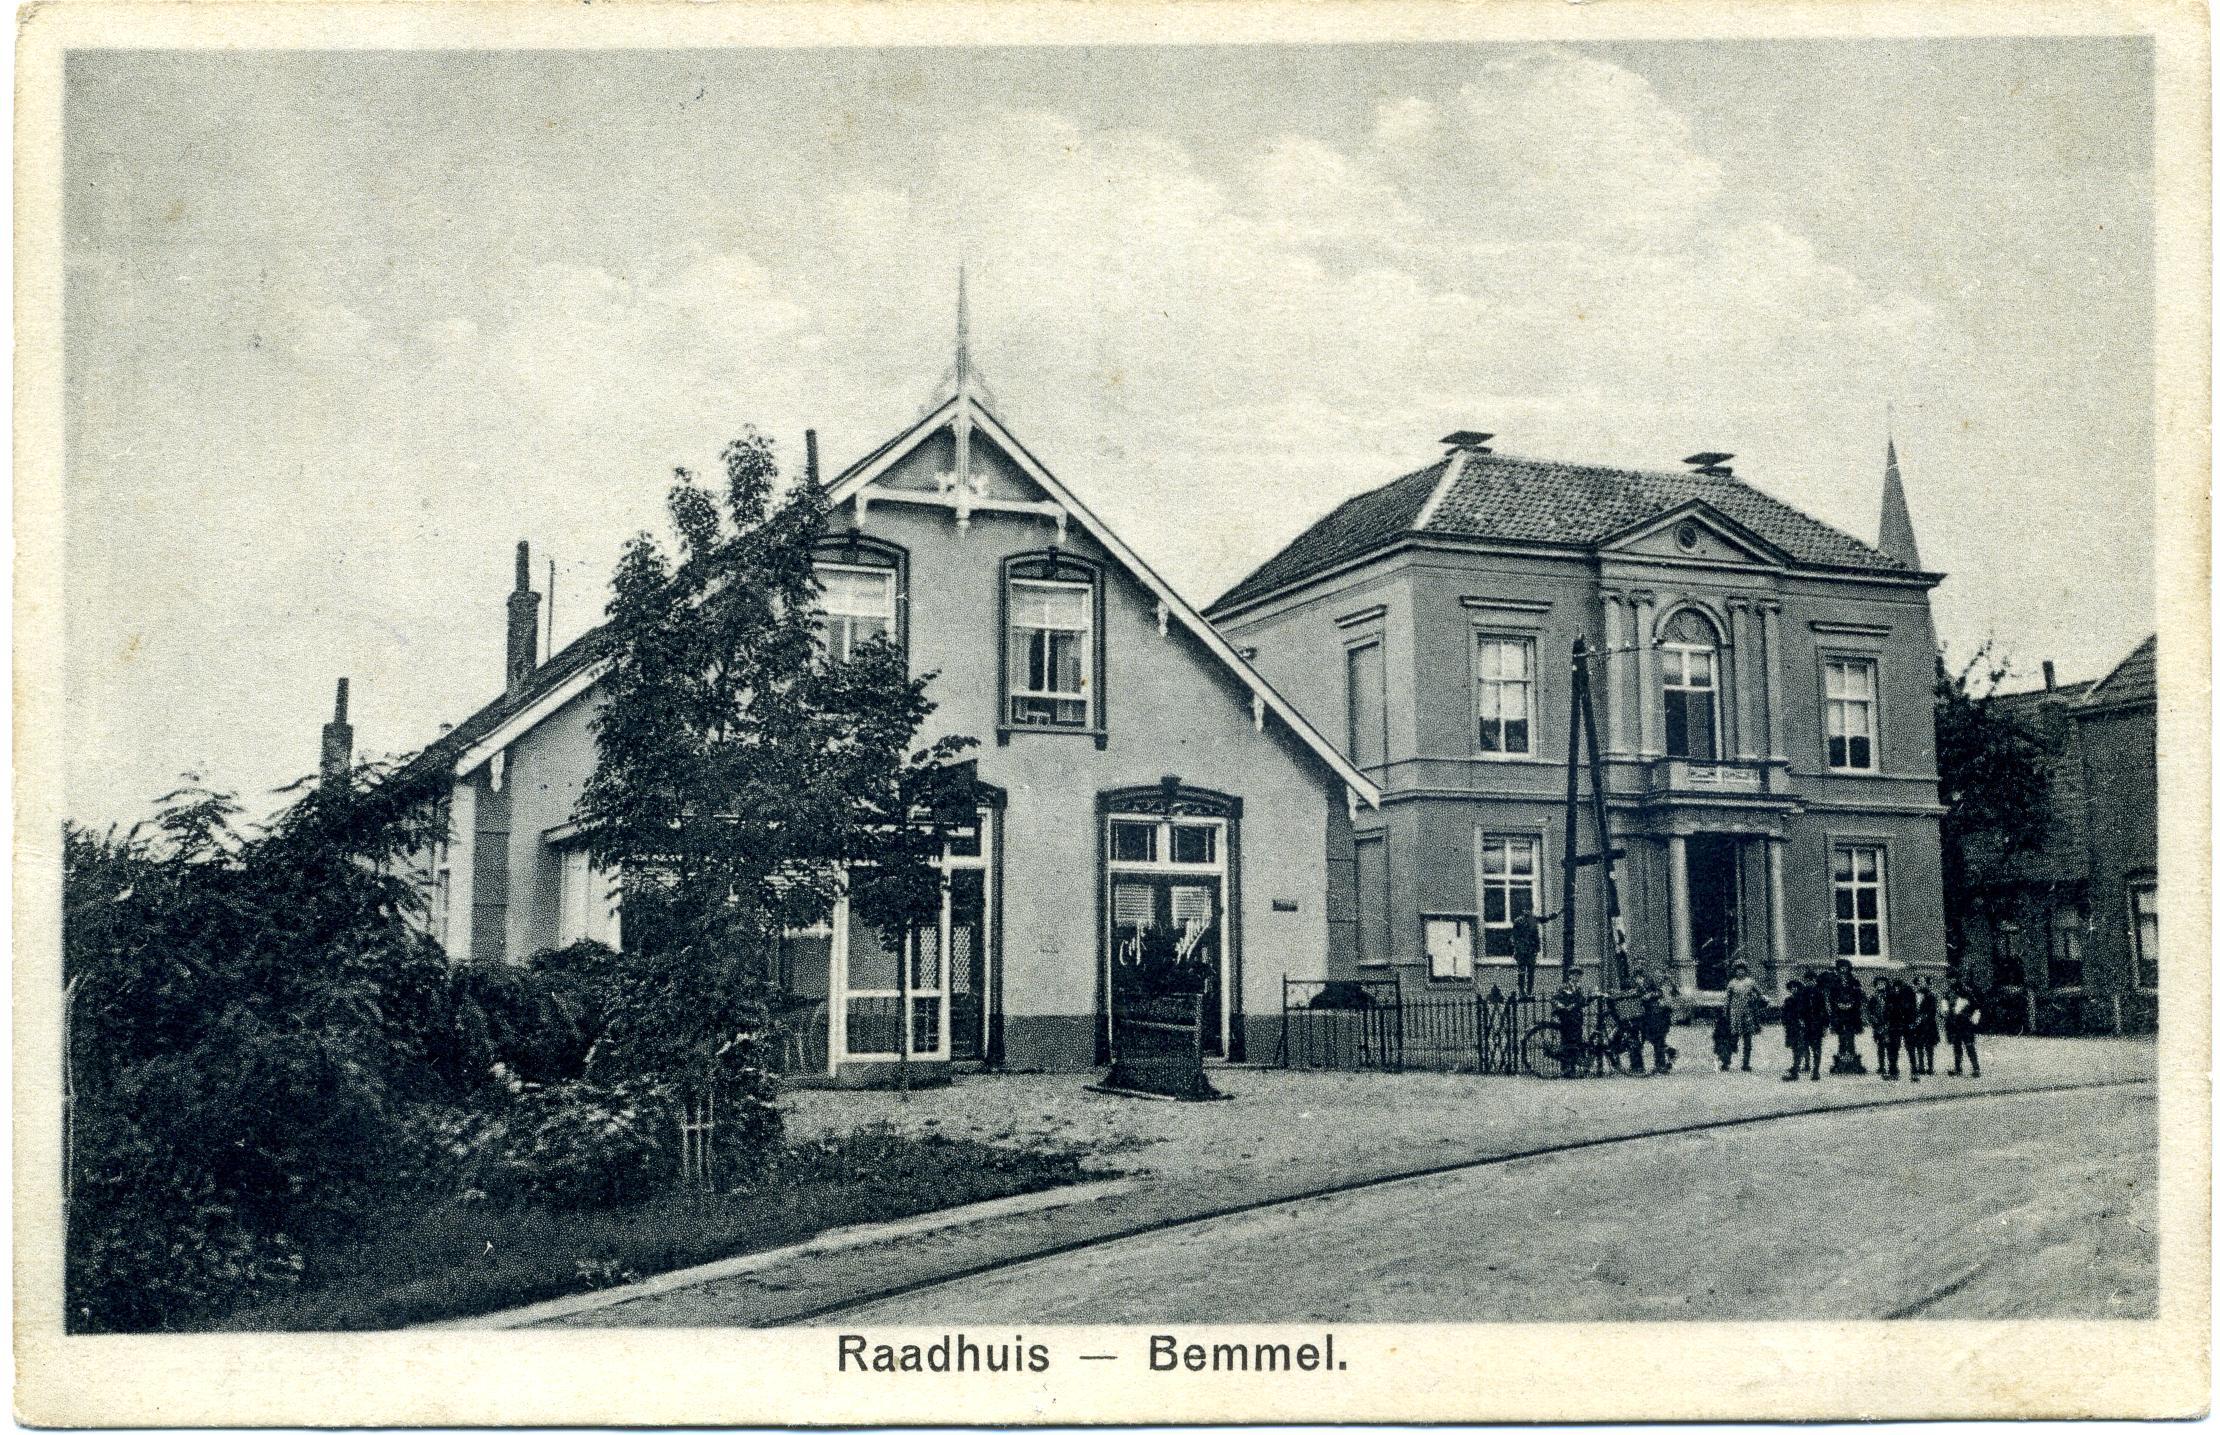 Raadhuis-Bemmel